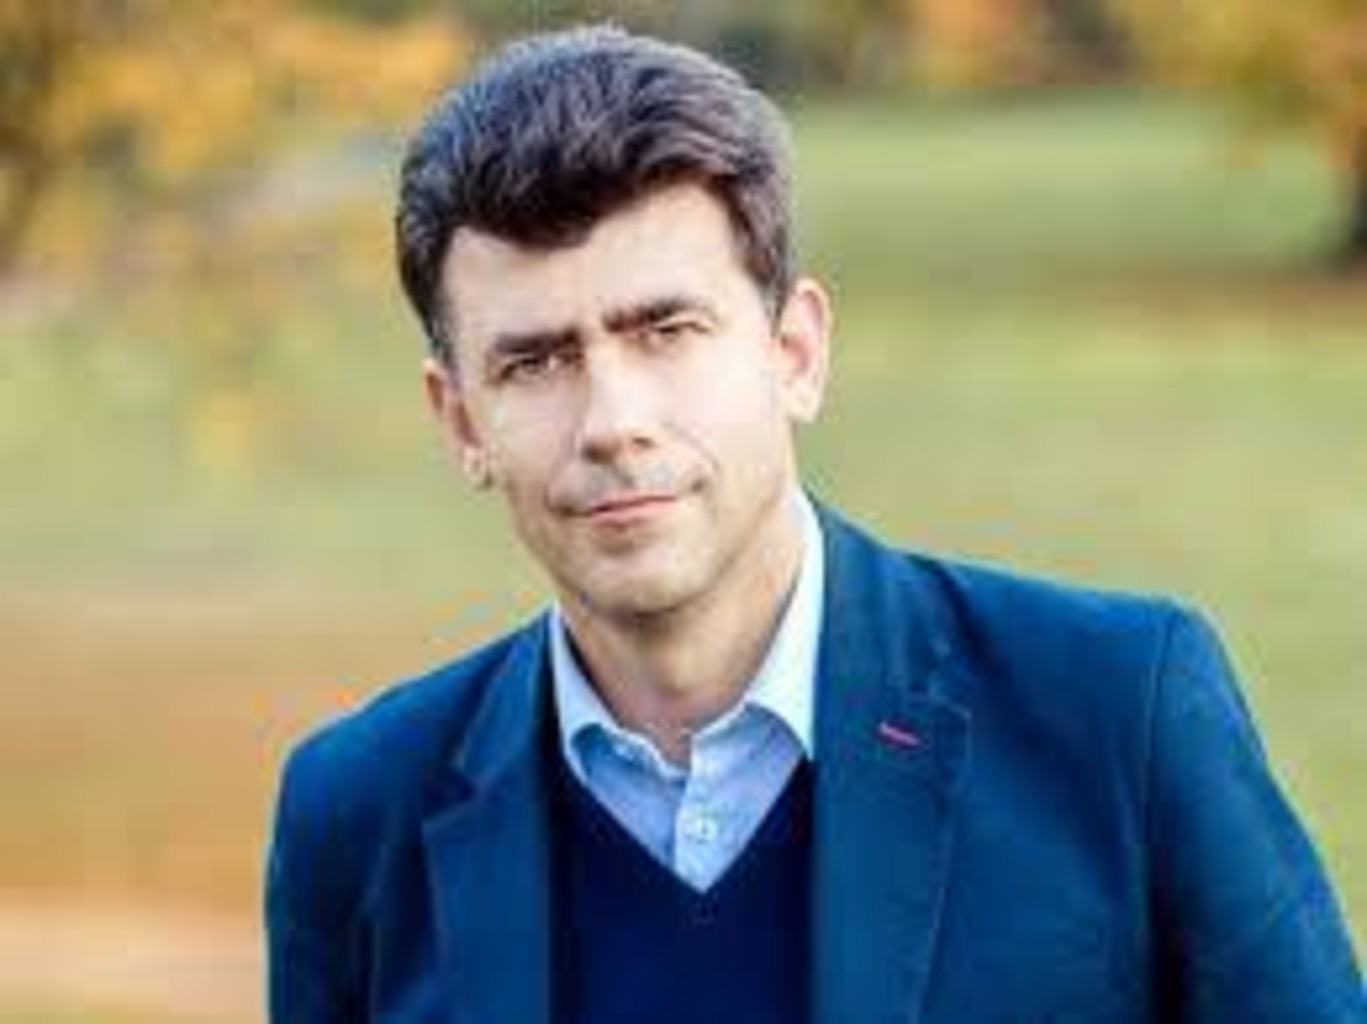 """Павел Усов: Окончательно оформилось разделение между цивилизацией беларусов и антицивилизацией """"ябатек"""" для которых беларусы враждебная нация"""